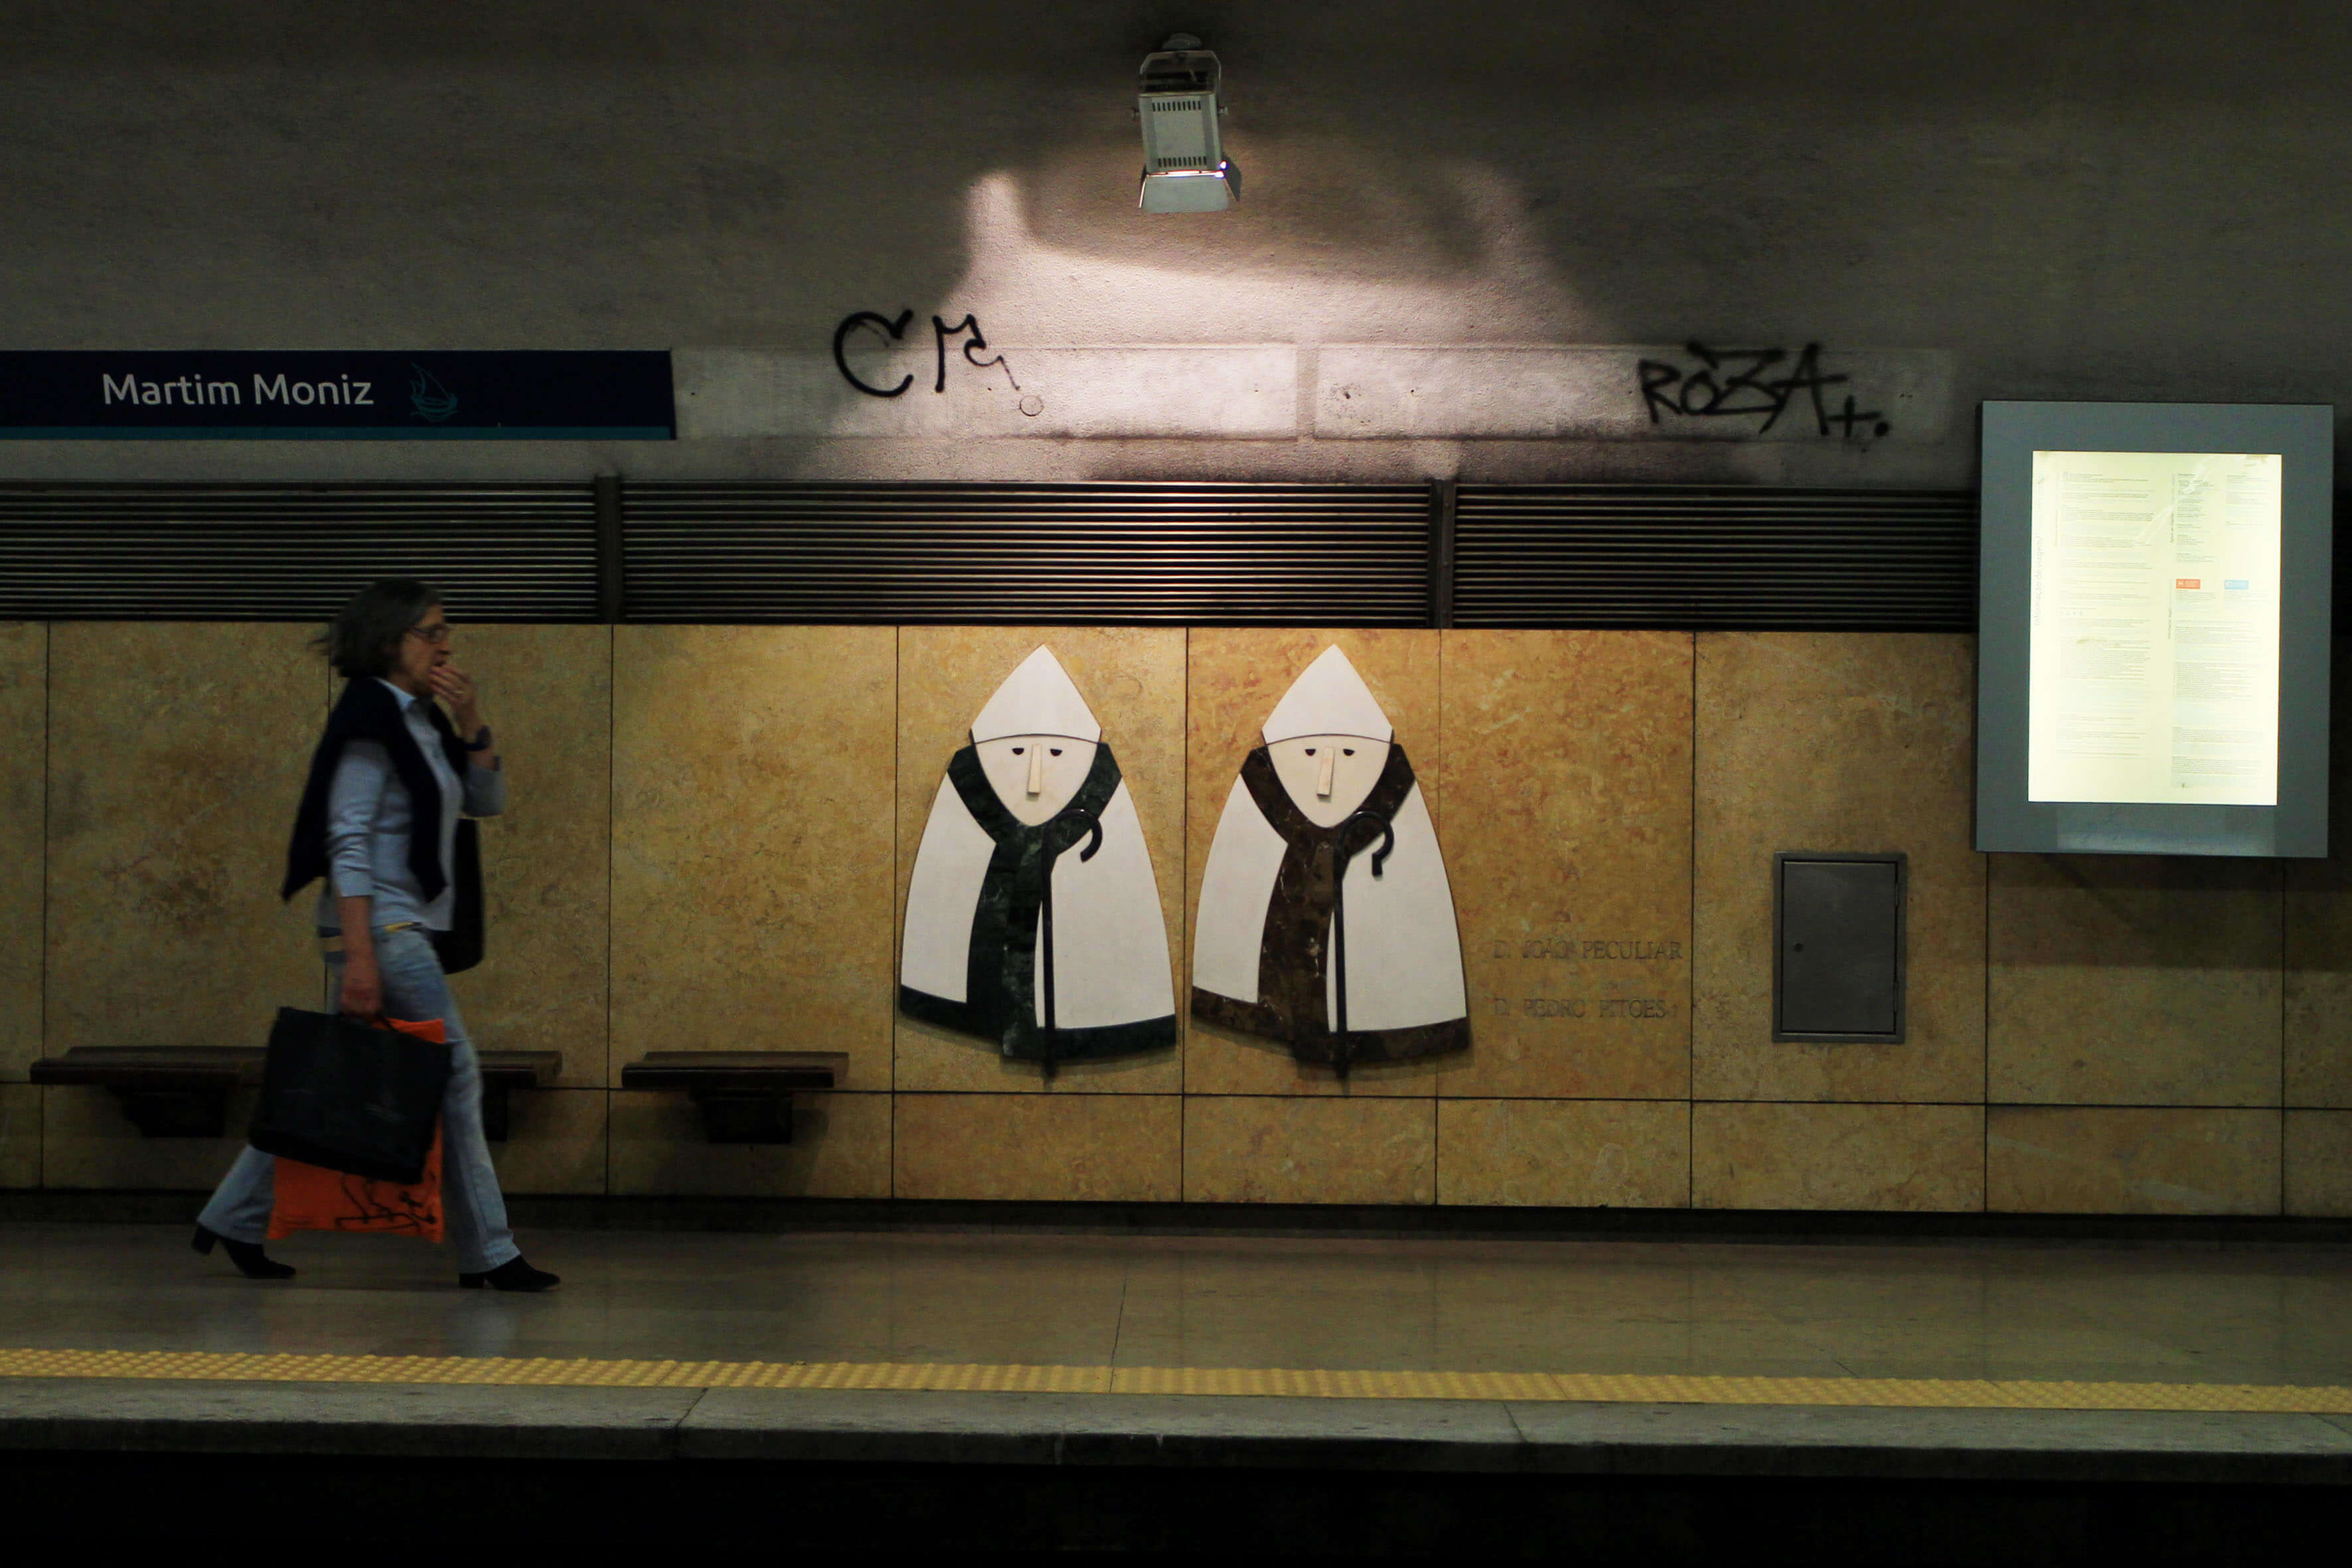 Estação do Metro do Martim Moniz